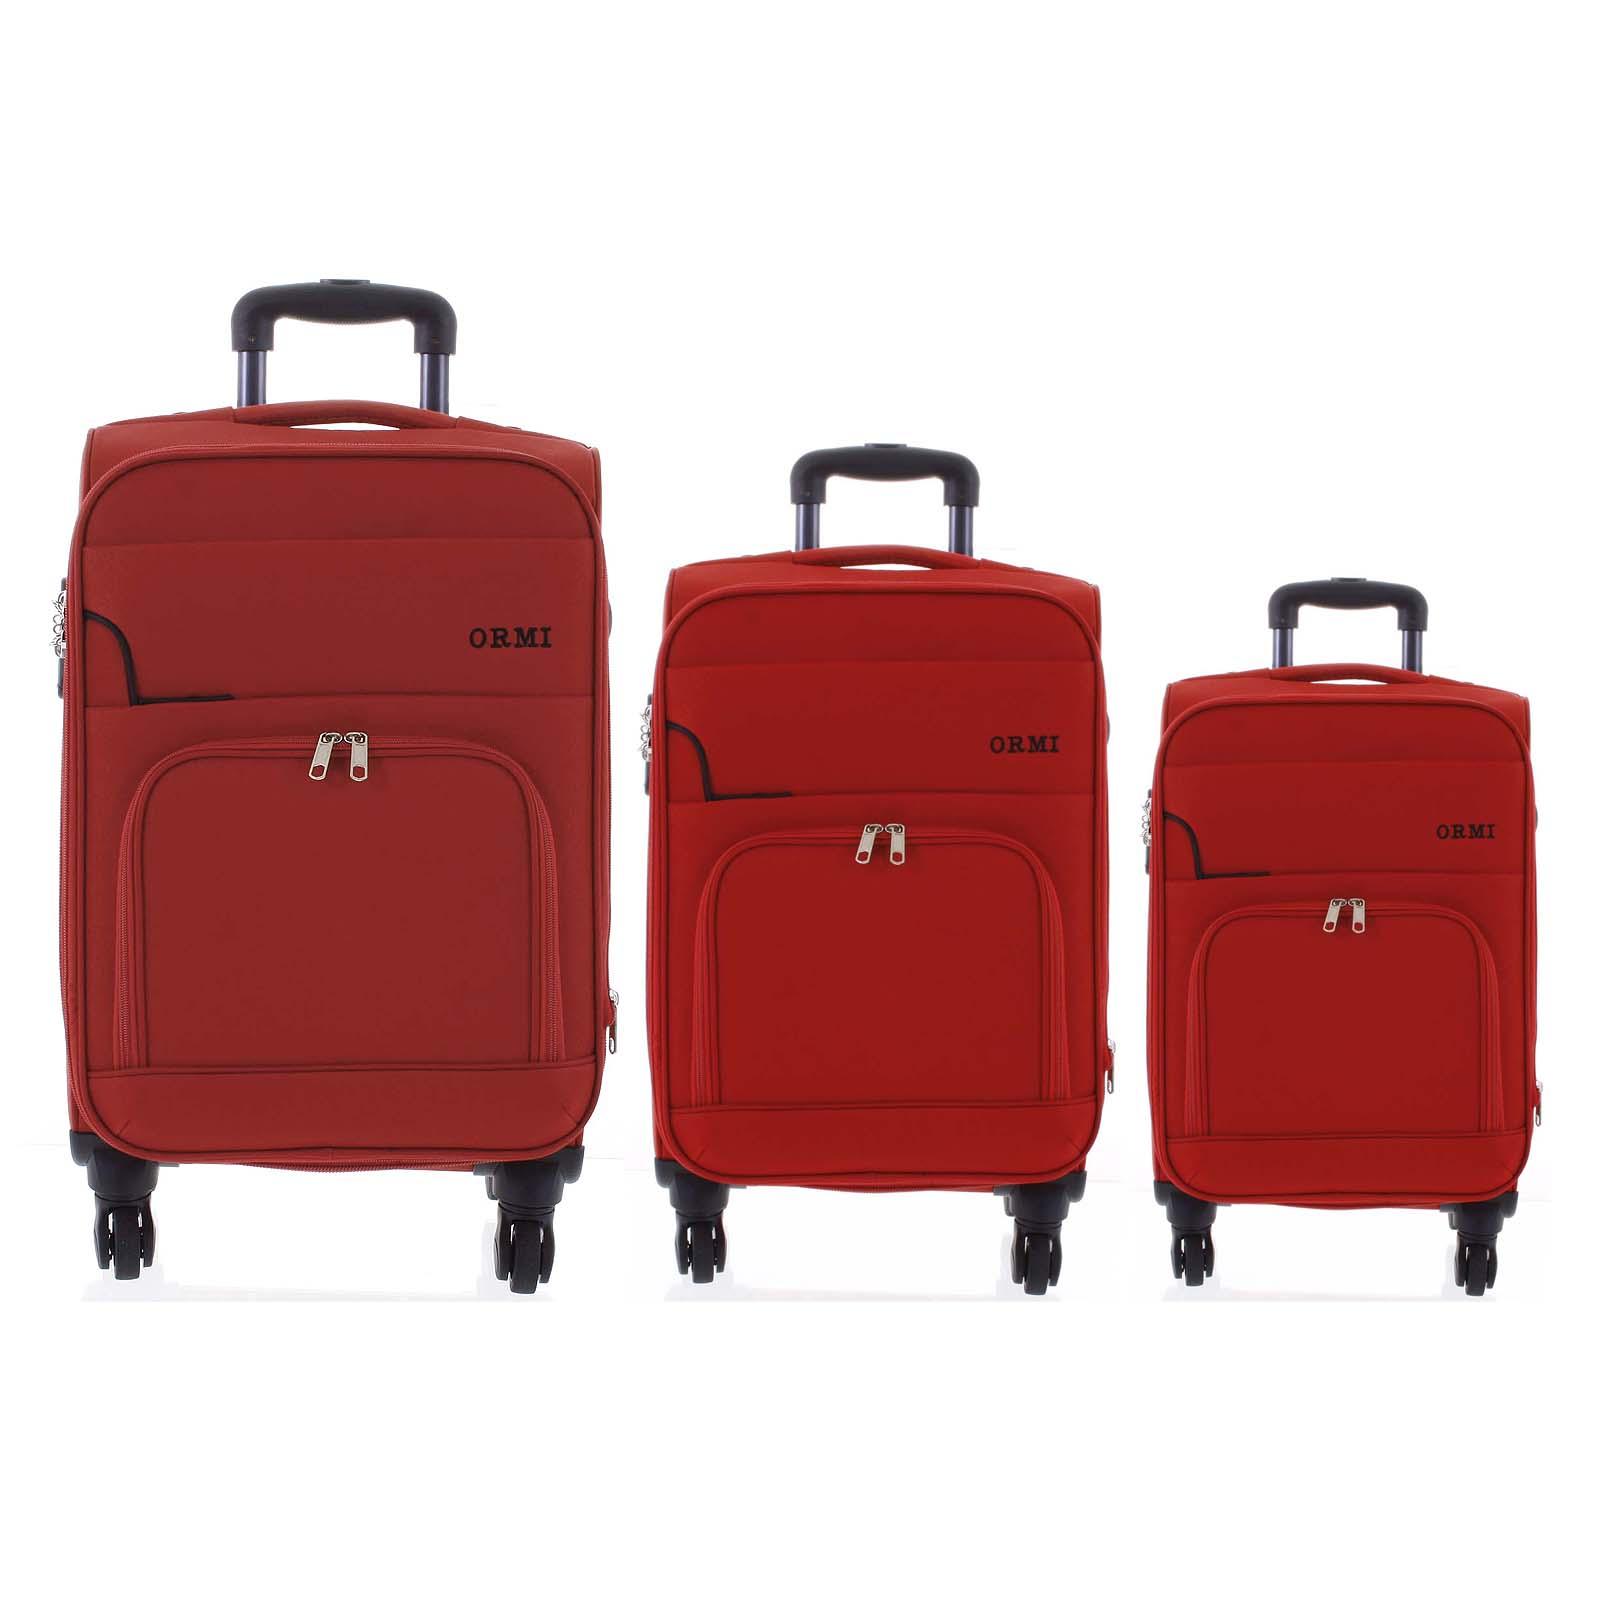 Cestovný látkový červený kufor sada - Ormi Nitire S, M, L červená